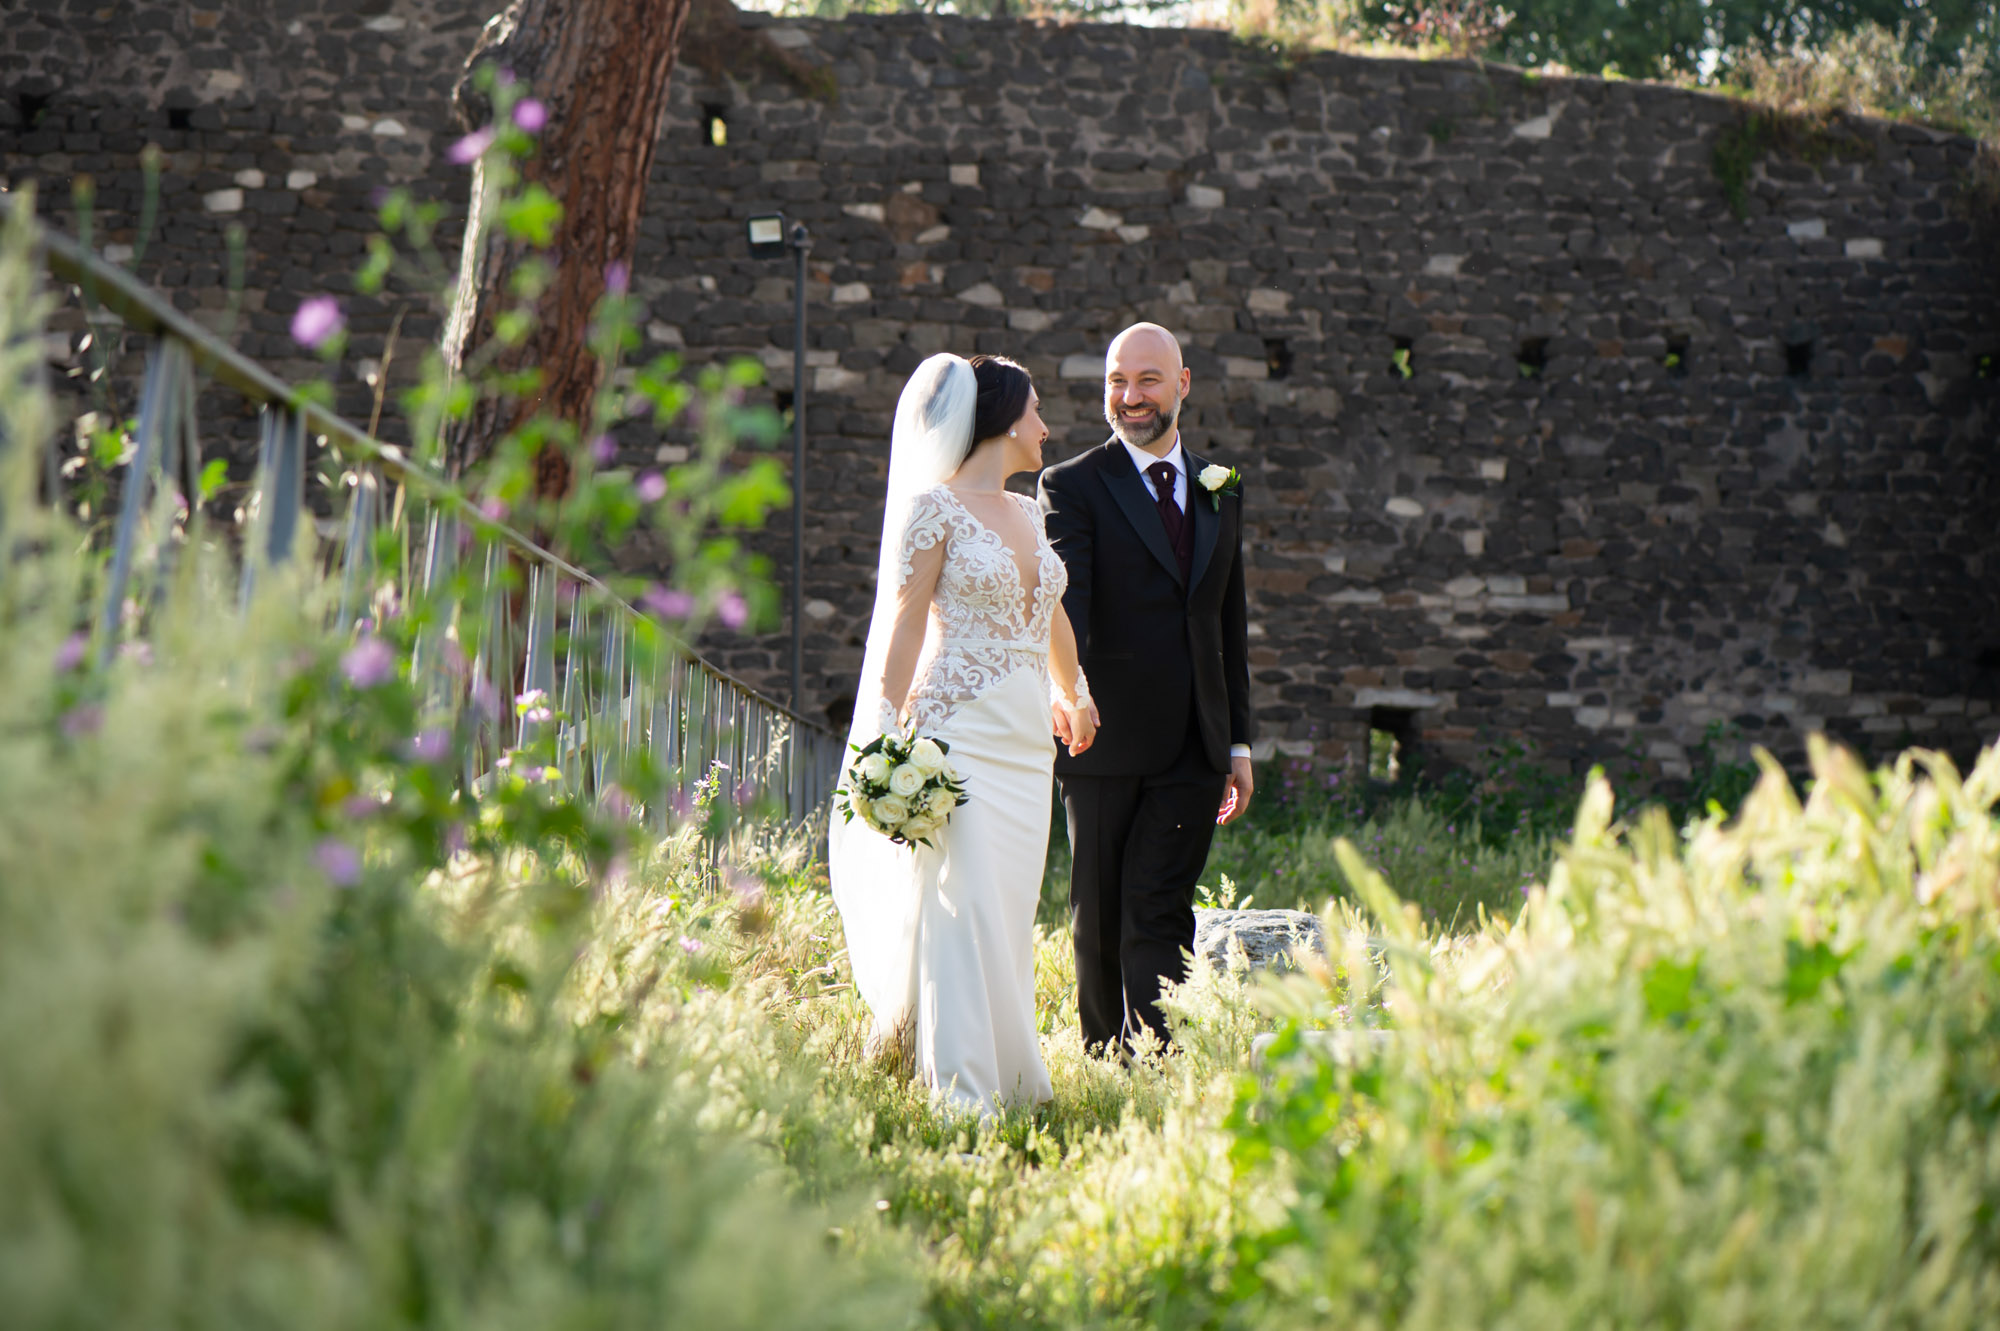 villa dino – loretifoto – reportage matrimonio roma – fotografo matrimonio roma-26